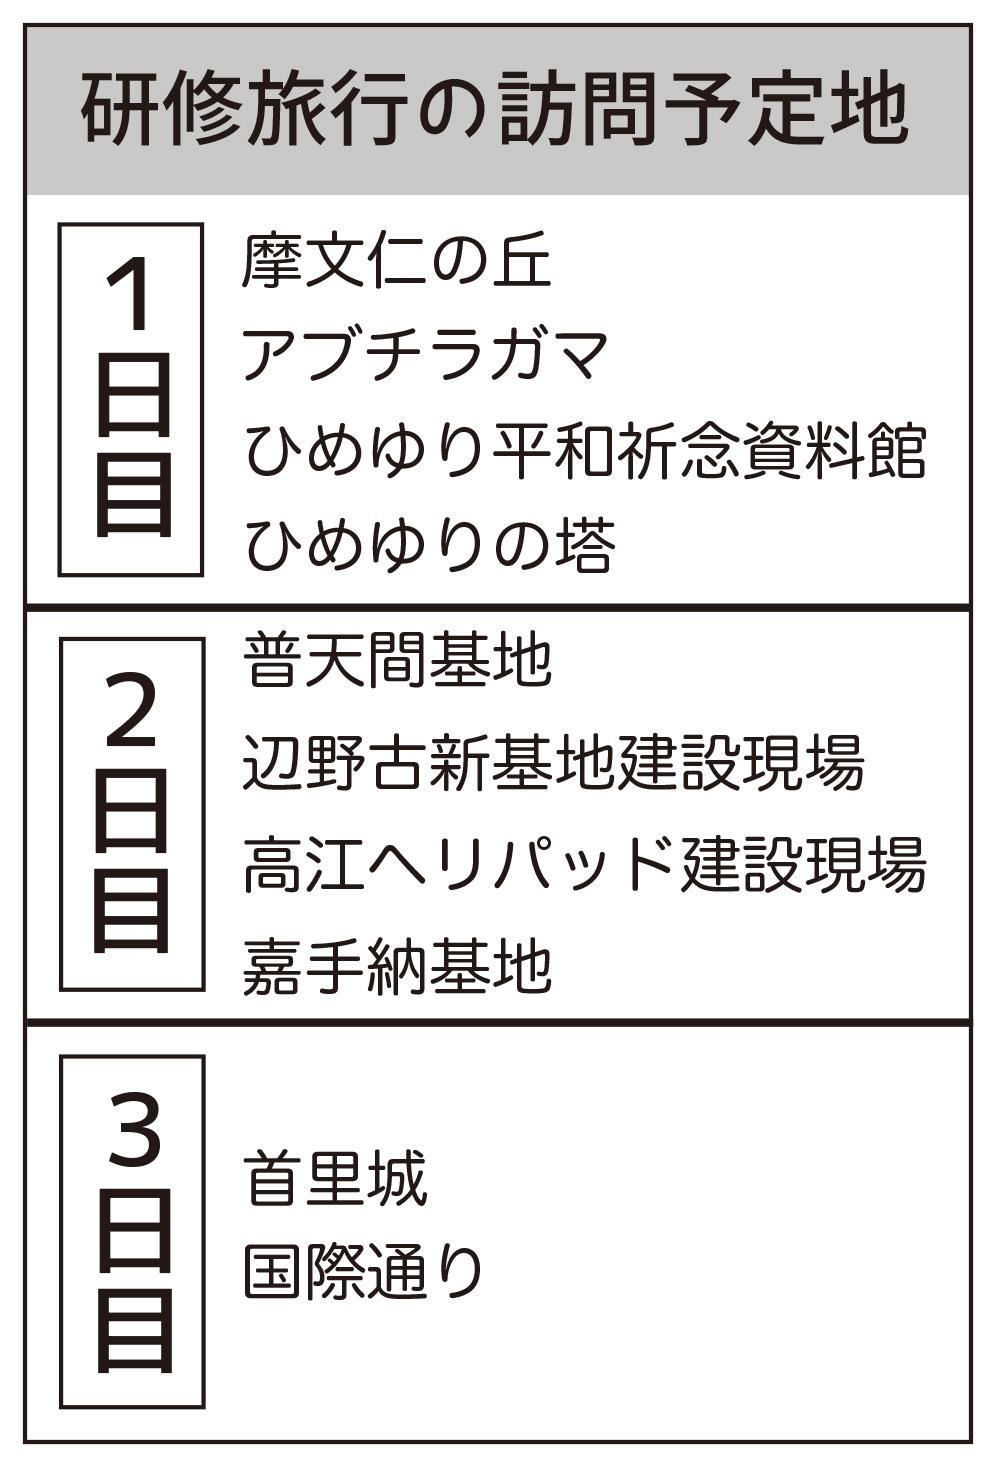 【1月号】沖縄で平和学習 2月に 宗教センターが企画